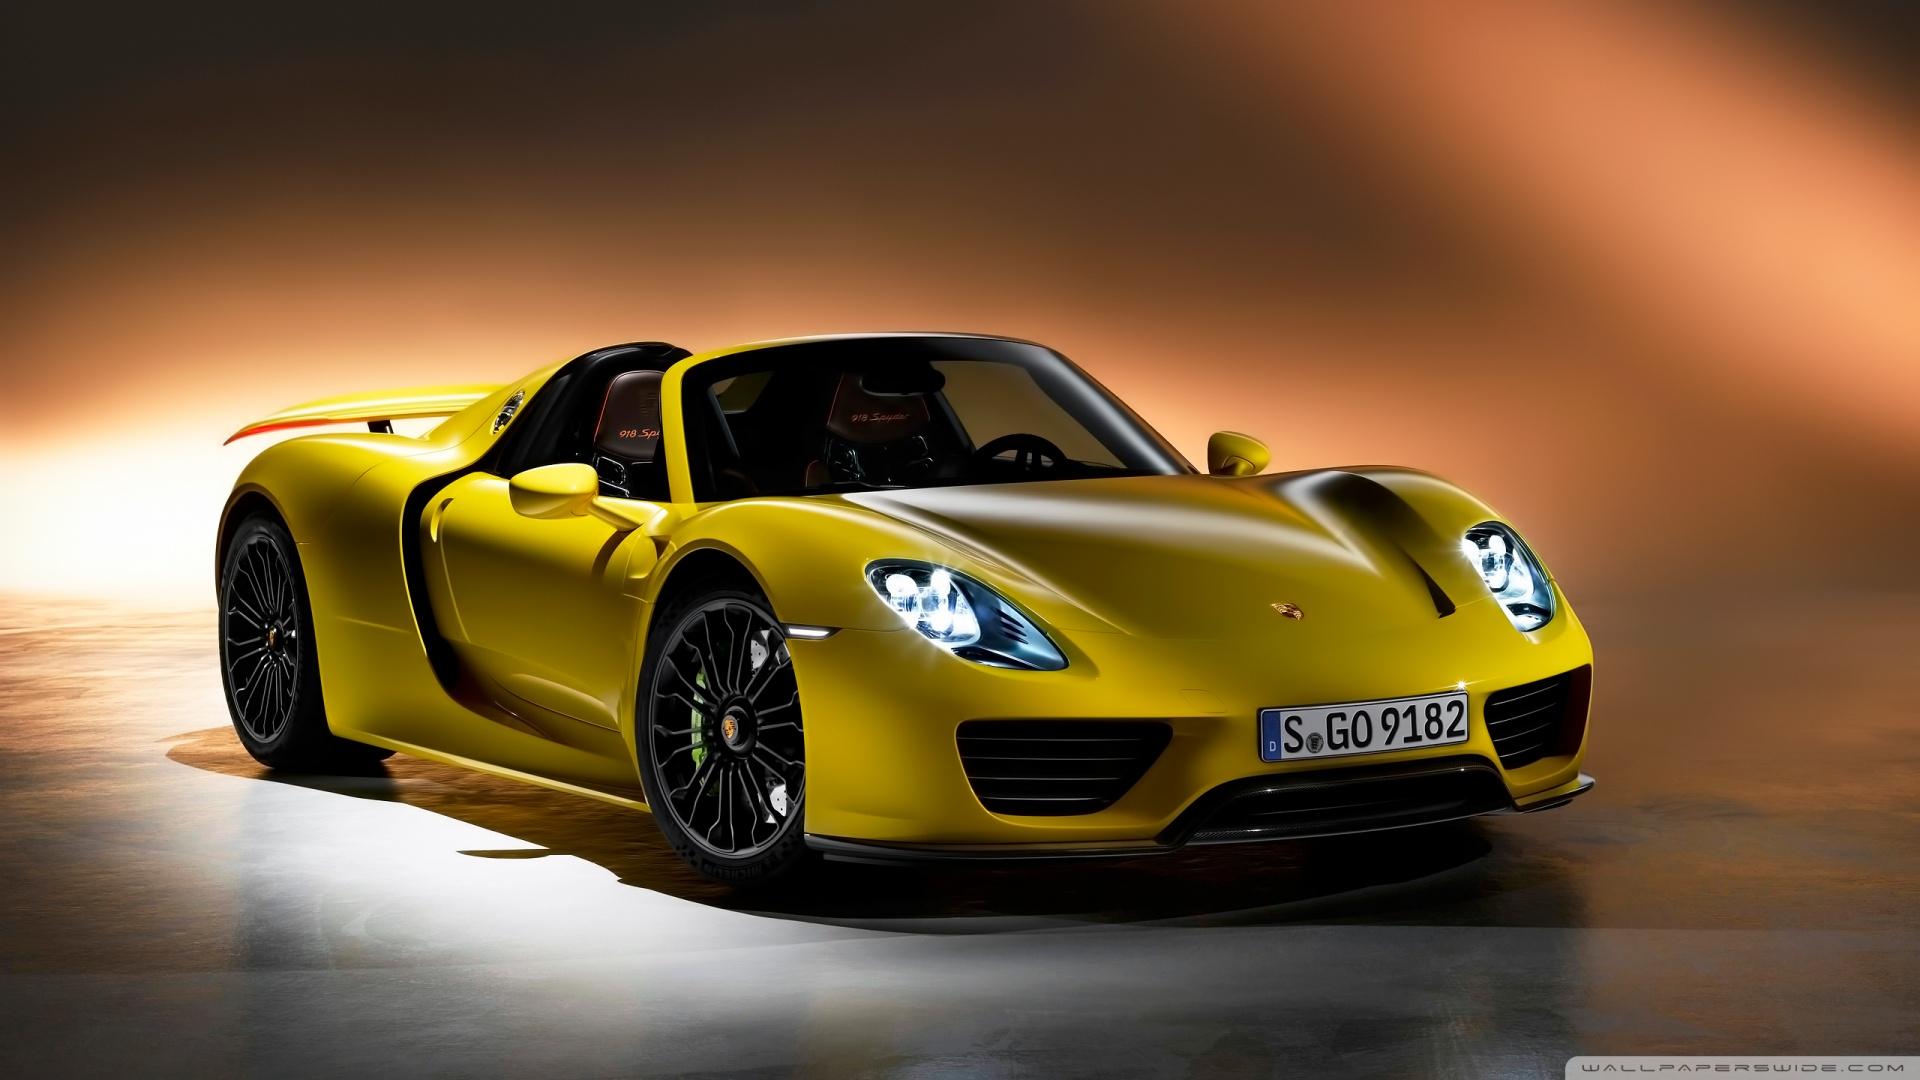 Yellow Porsche 918 Spyder Hd Wallpaper